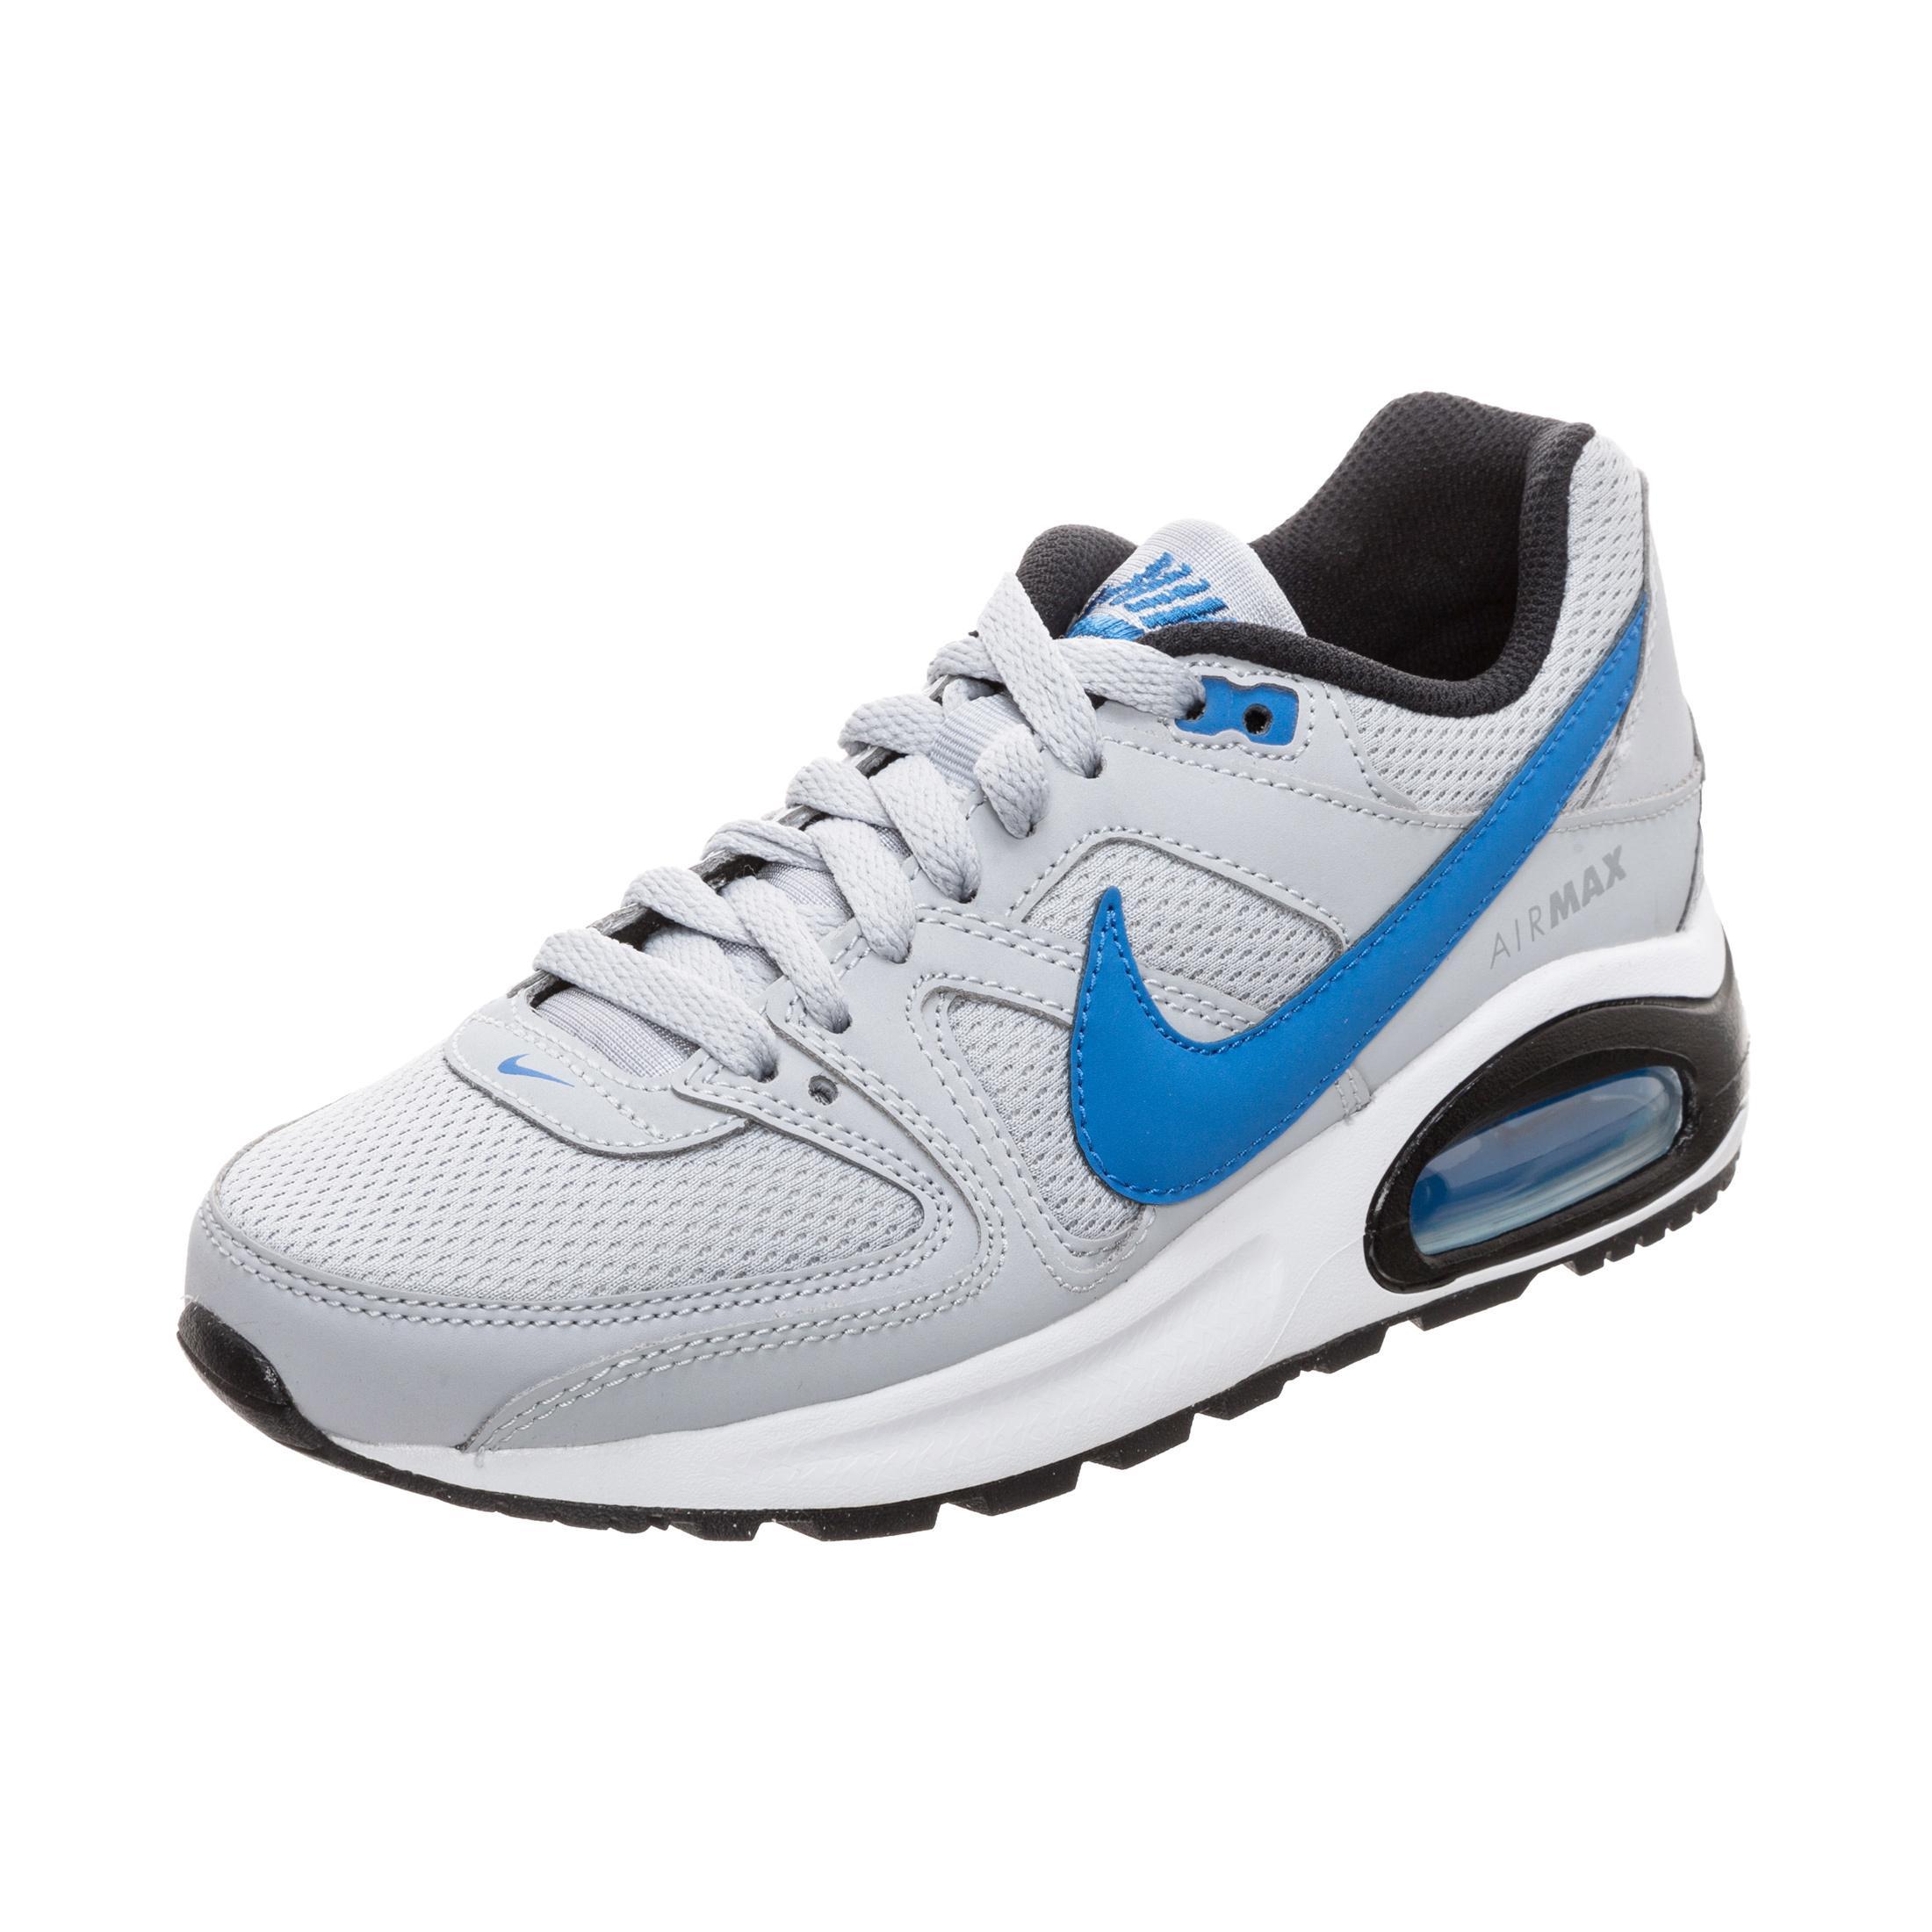 new products 12131 ee444 Nike Air Max Command Flex Sneaker Kinder grau / blau im Online Shop von  SportScheck kaufen